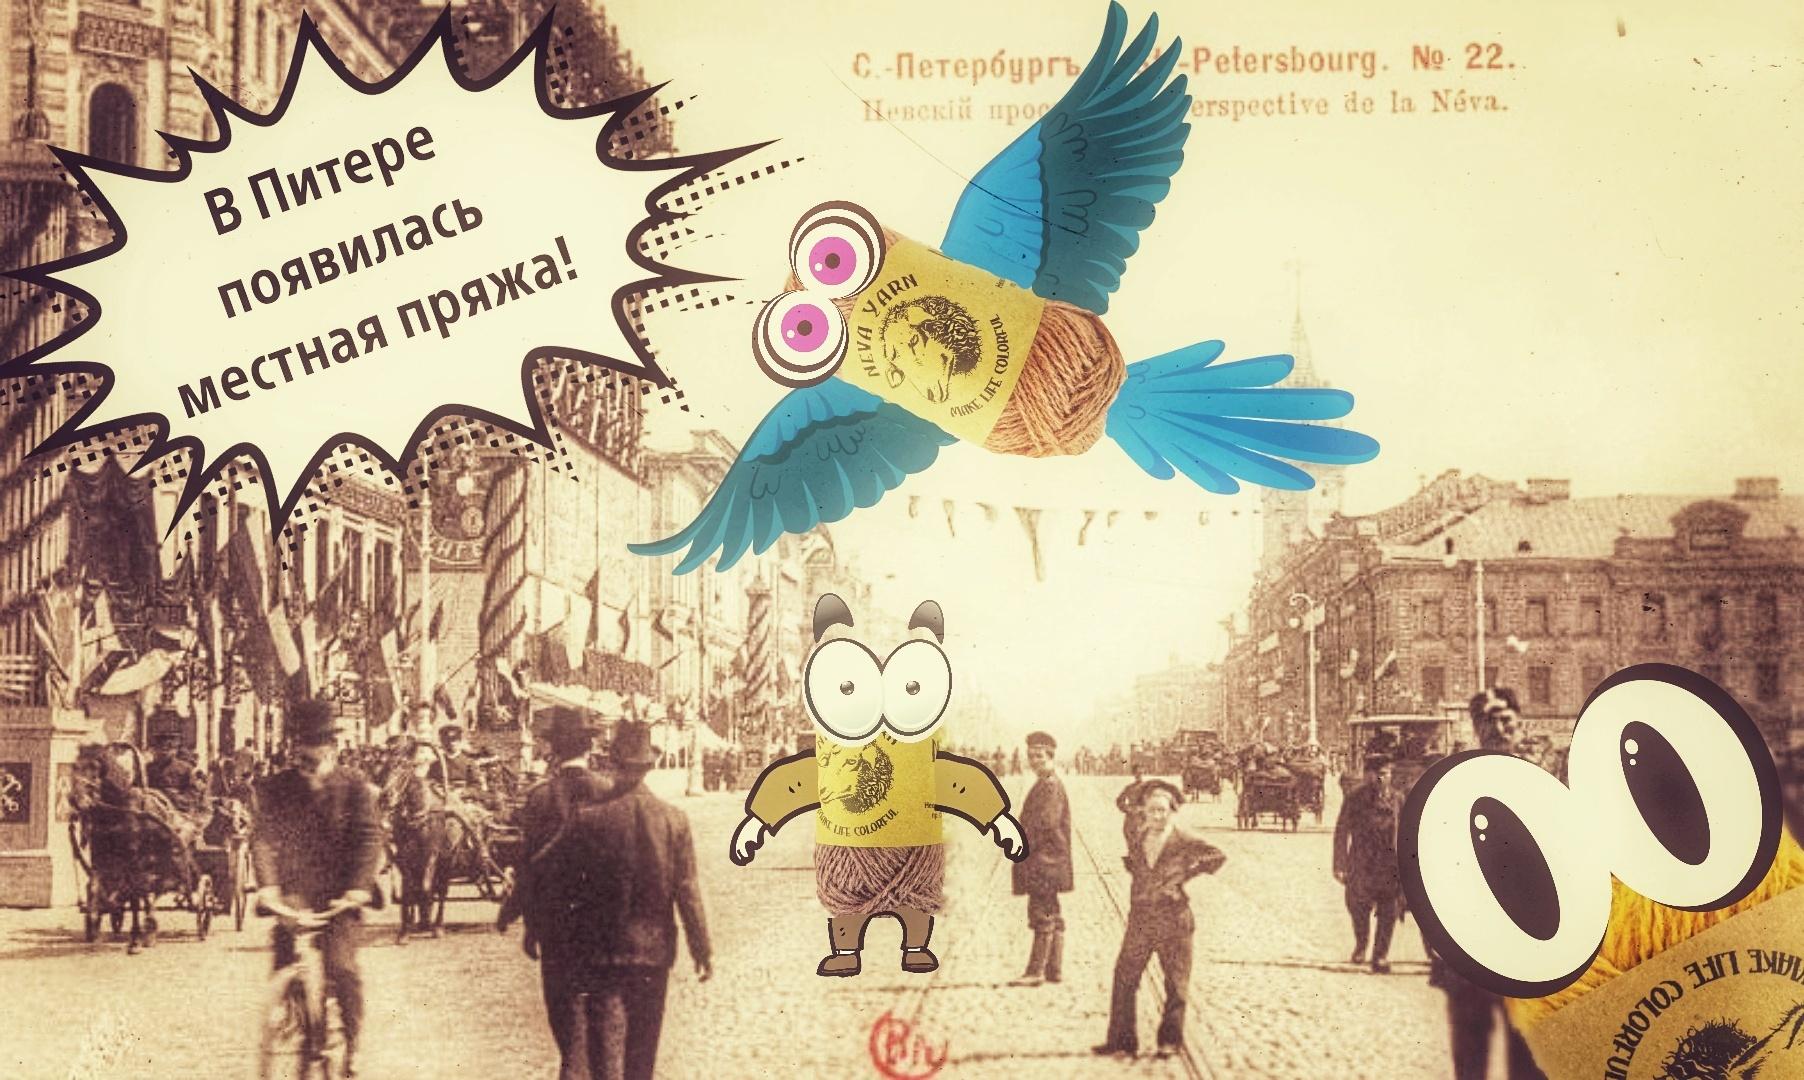 Сделано в Петербурге